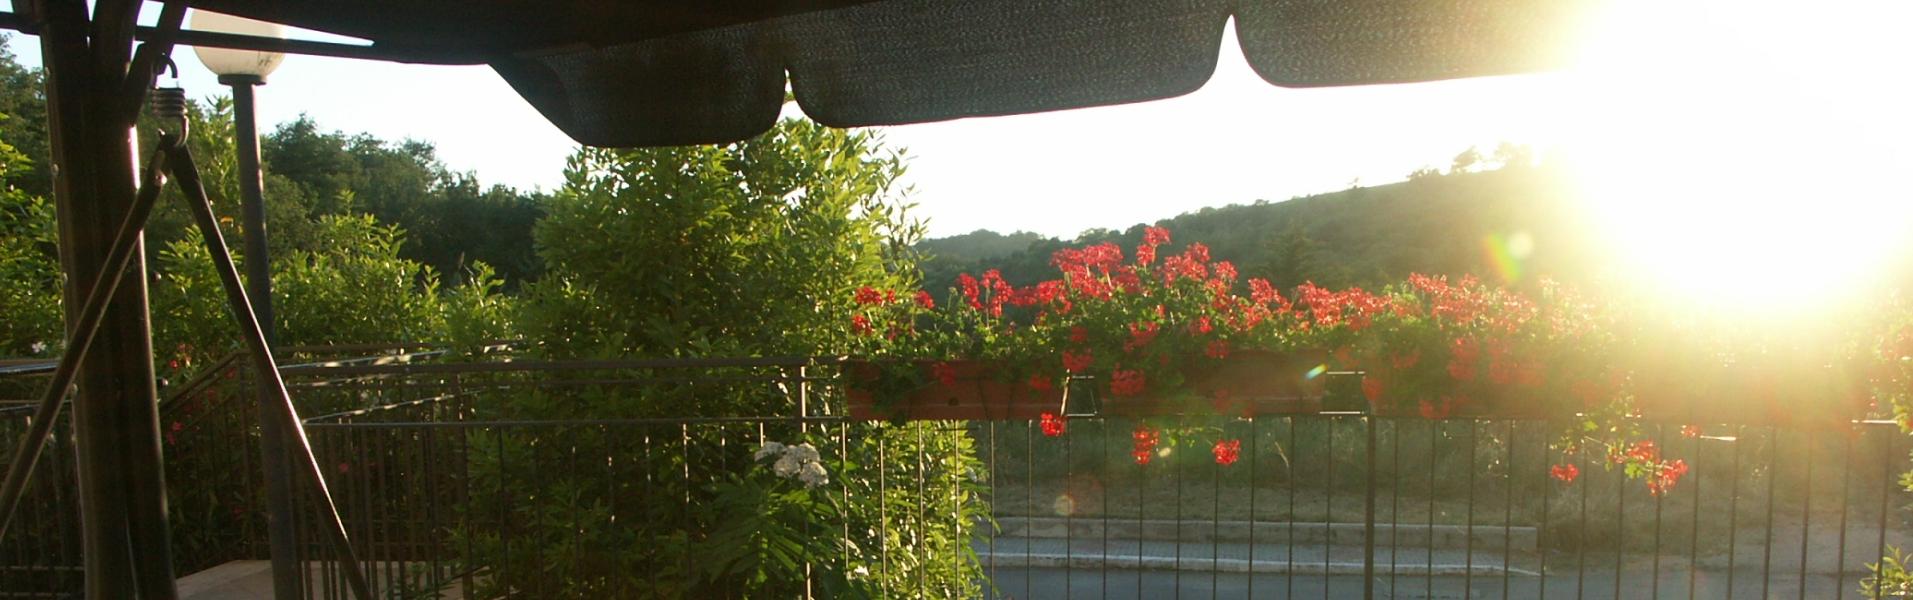 ginny-in-giardino-sul-dondolo